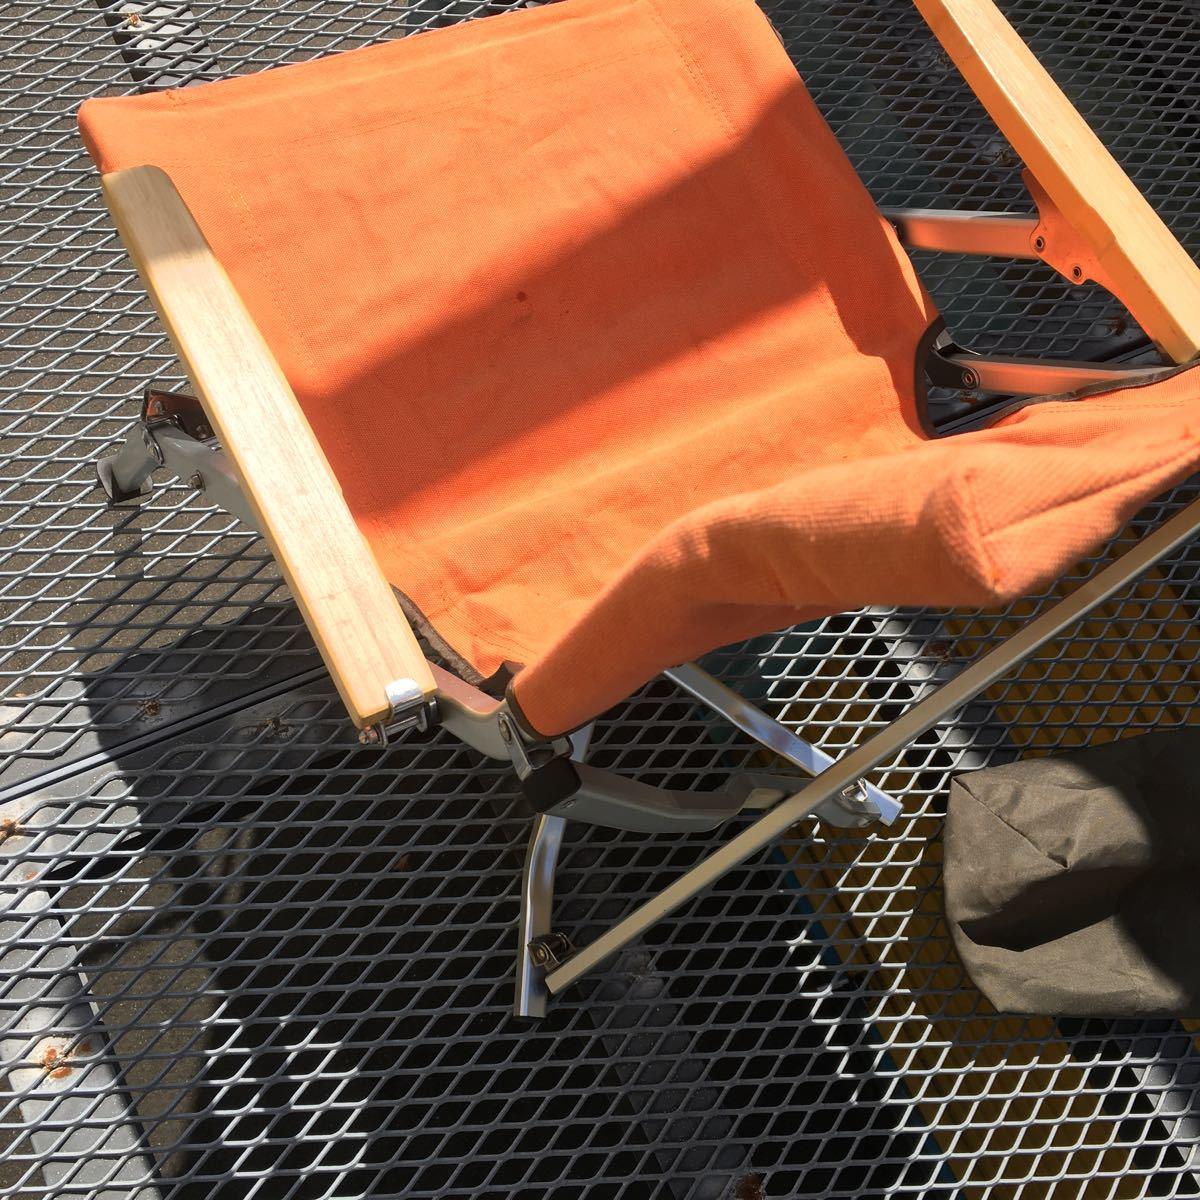 snow peak スノーピーク ローチェア30 オレンジ